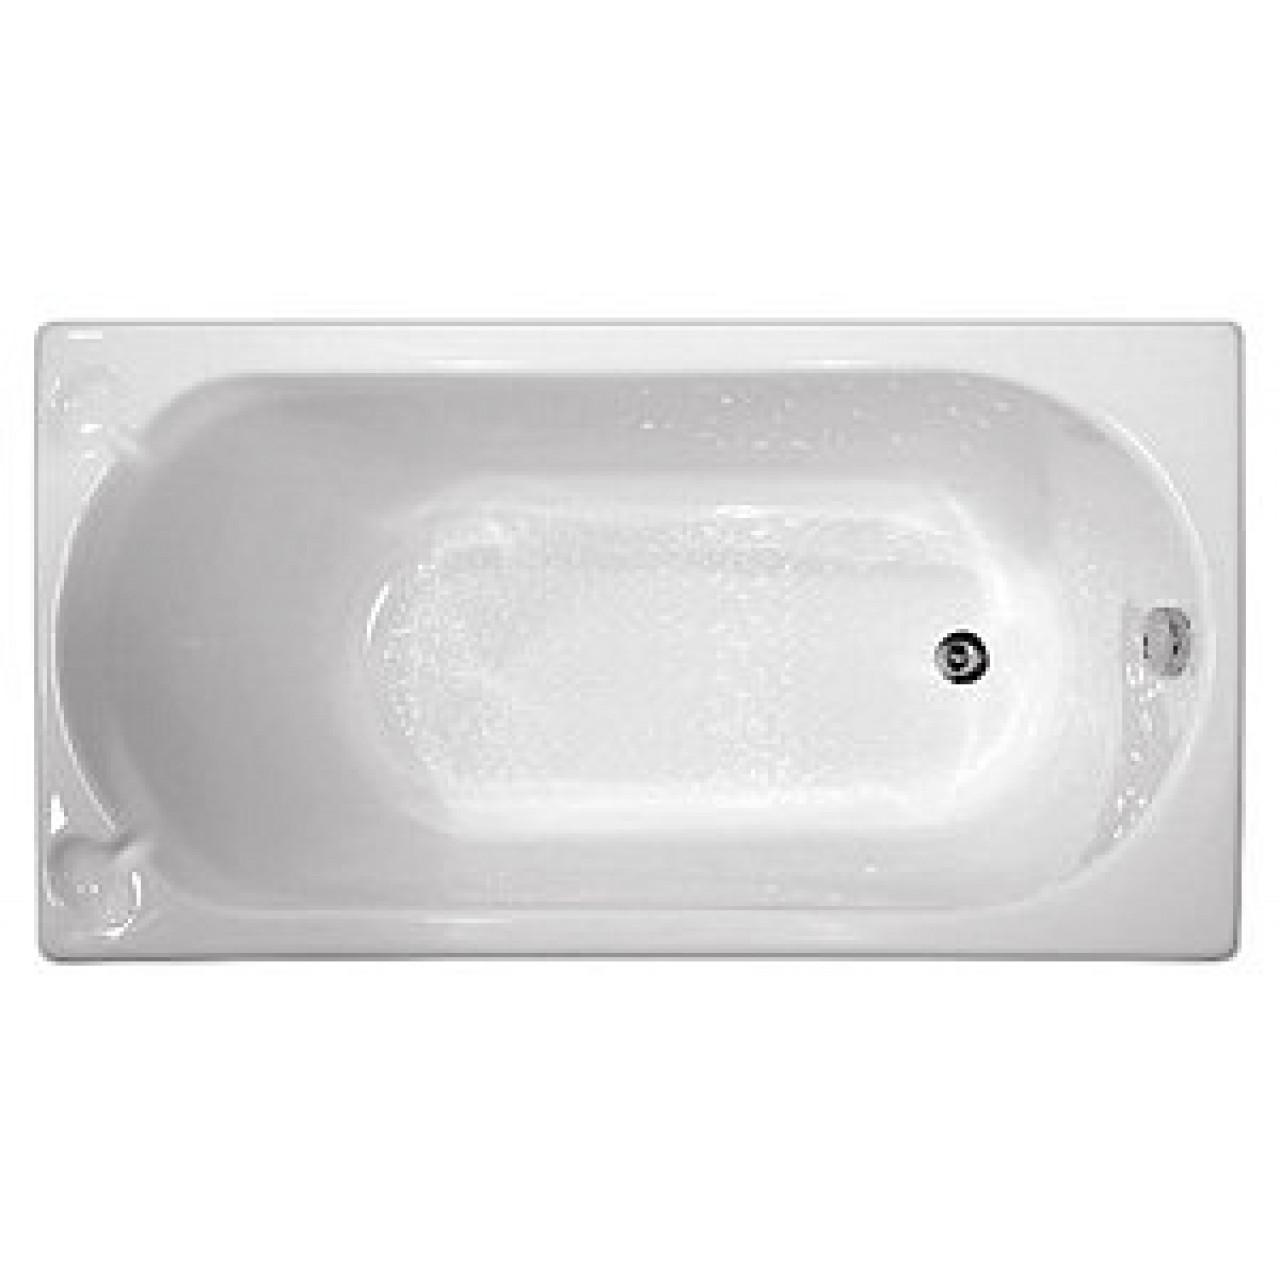 Акриловая ванна Triton Лу-Лу 1300х700х575 купить в Москве по цене от 11560р. в интернет-магазине mebel-v-vannu.ru